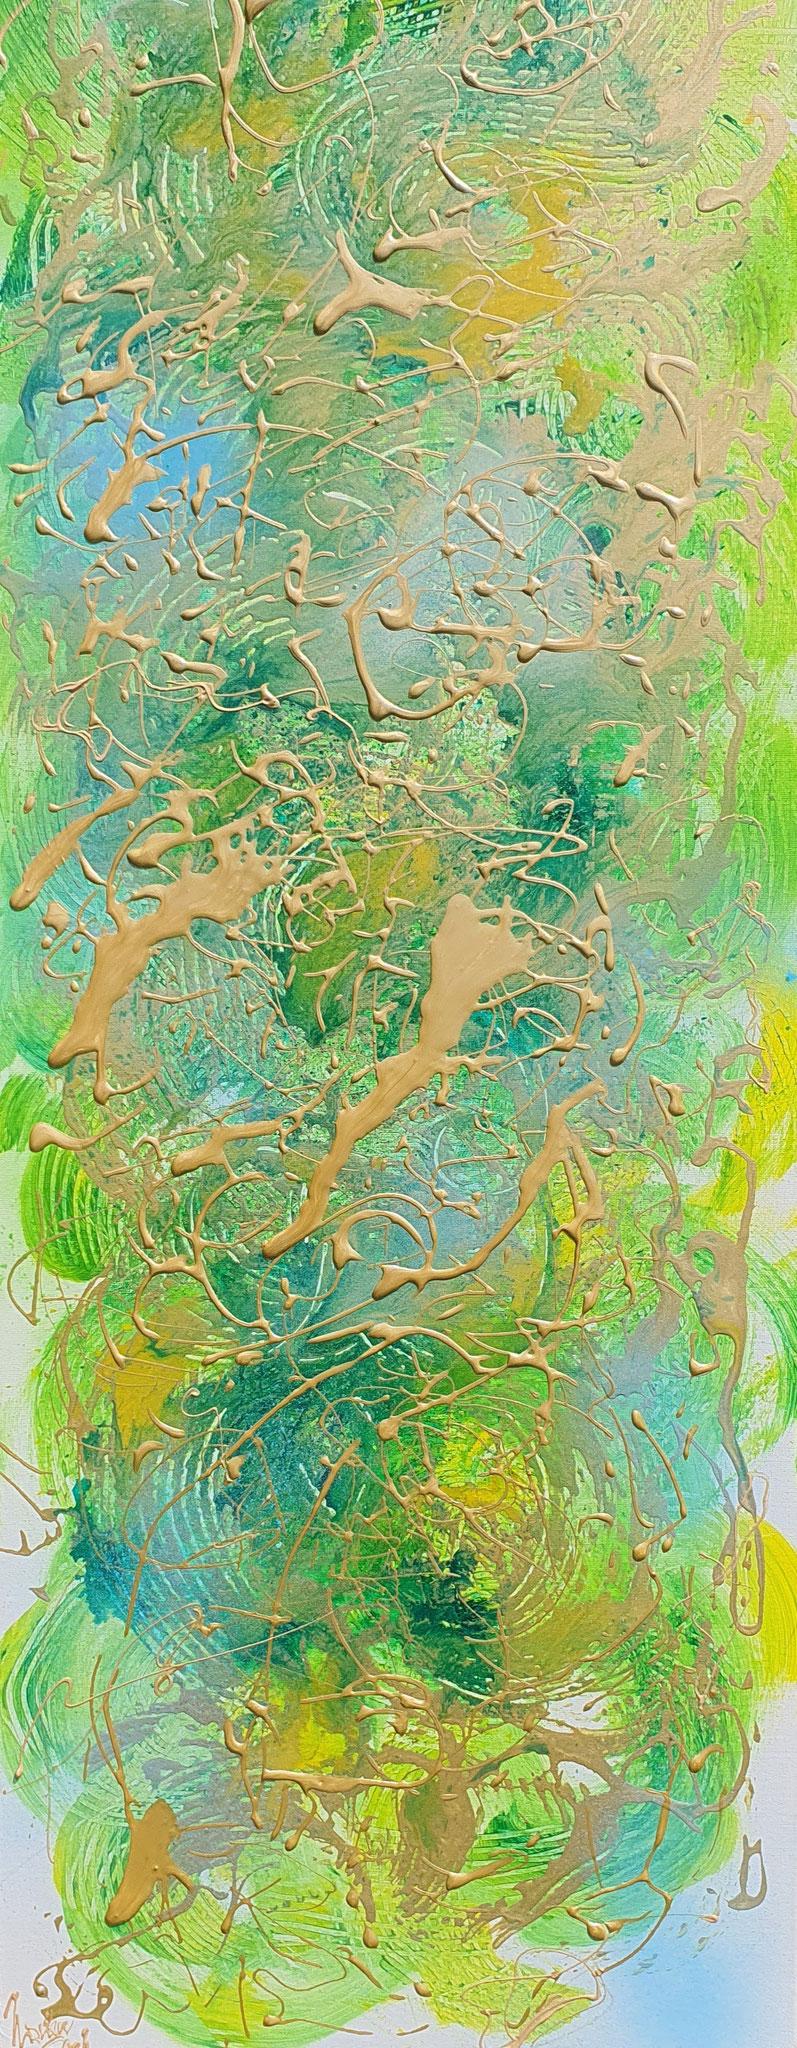 Summerbreeze   (Technic: Acryl/Mixed Media on Canvas 40 X 120 X 1,5 cm)